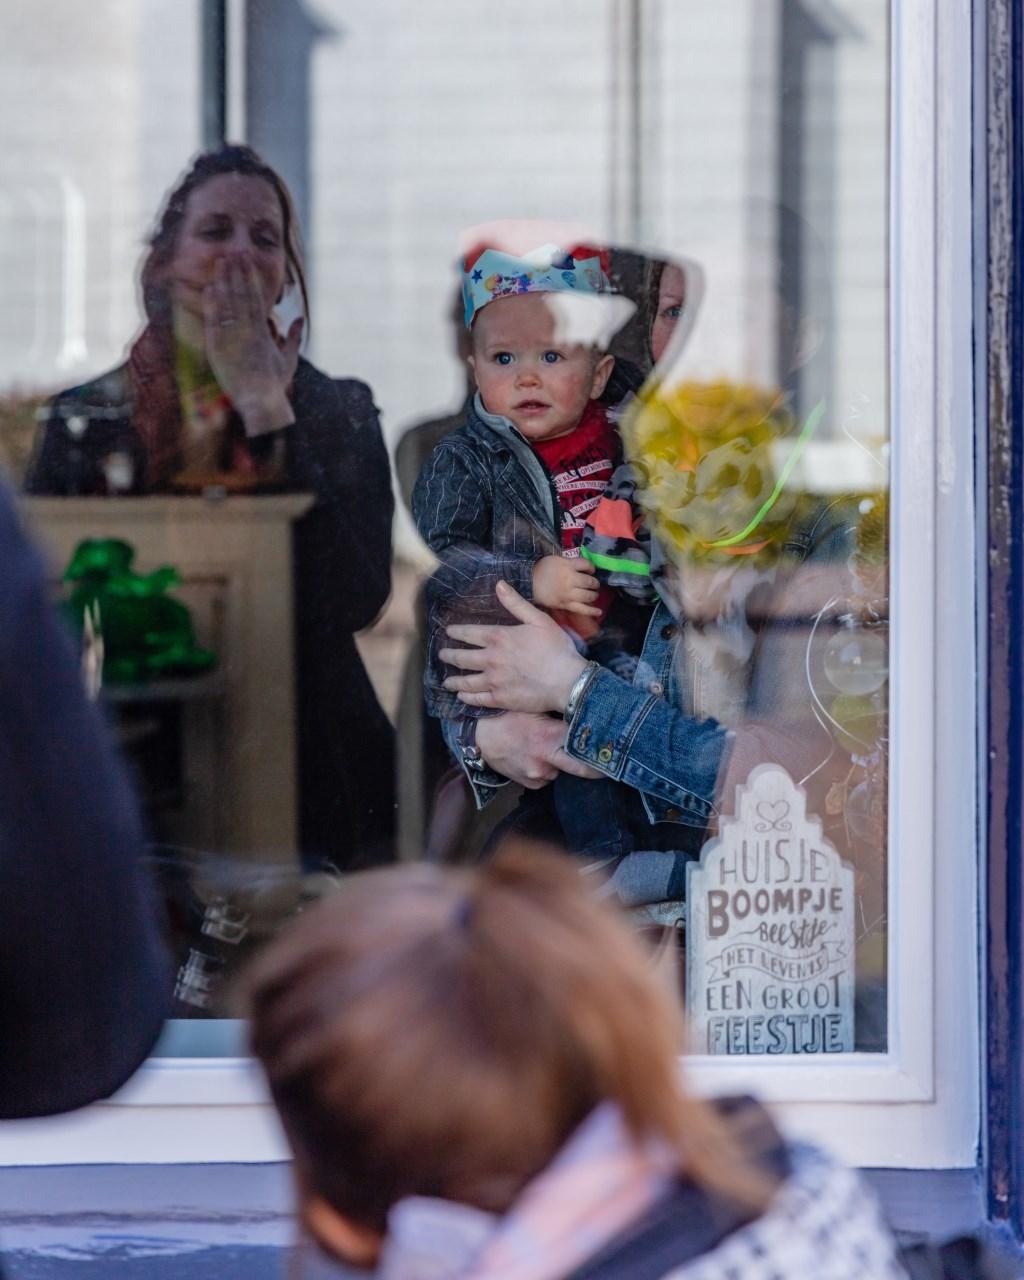 Als we niet naar binnen kunnen, dan maar voor het raam Lang zal hij leven zingen. Foto: Anja Onstenk © Achterhoek Nieuws b.v.